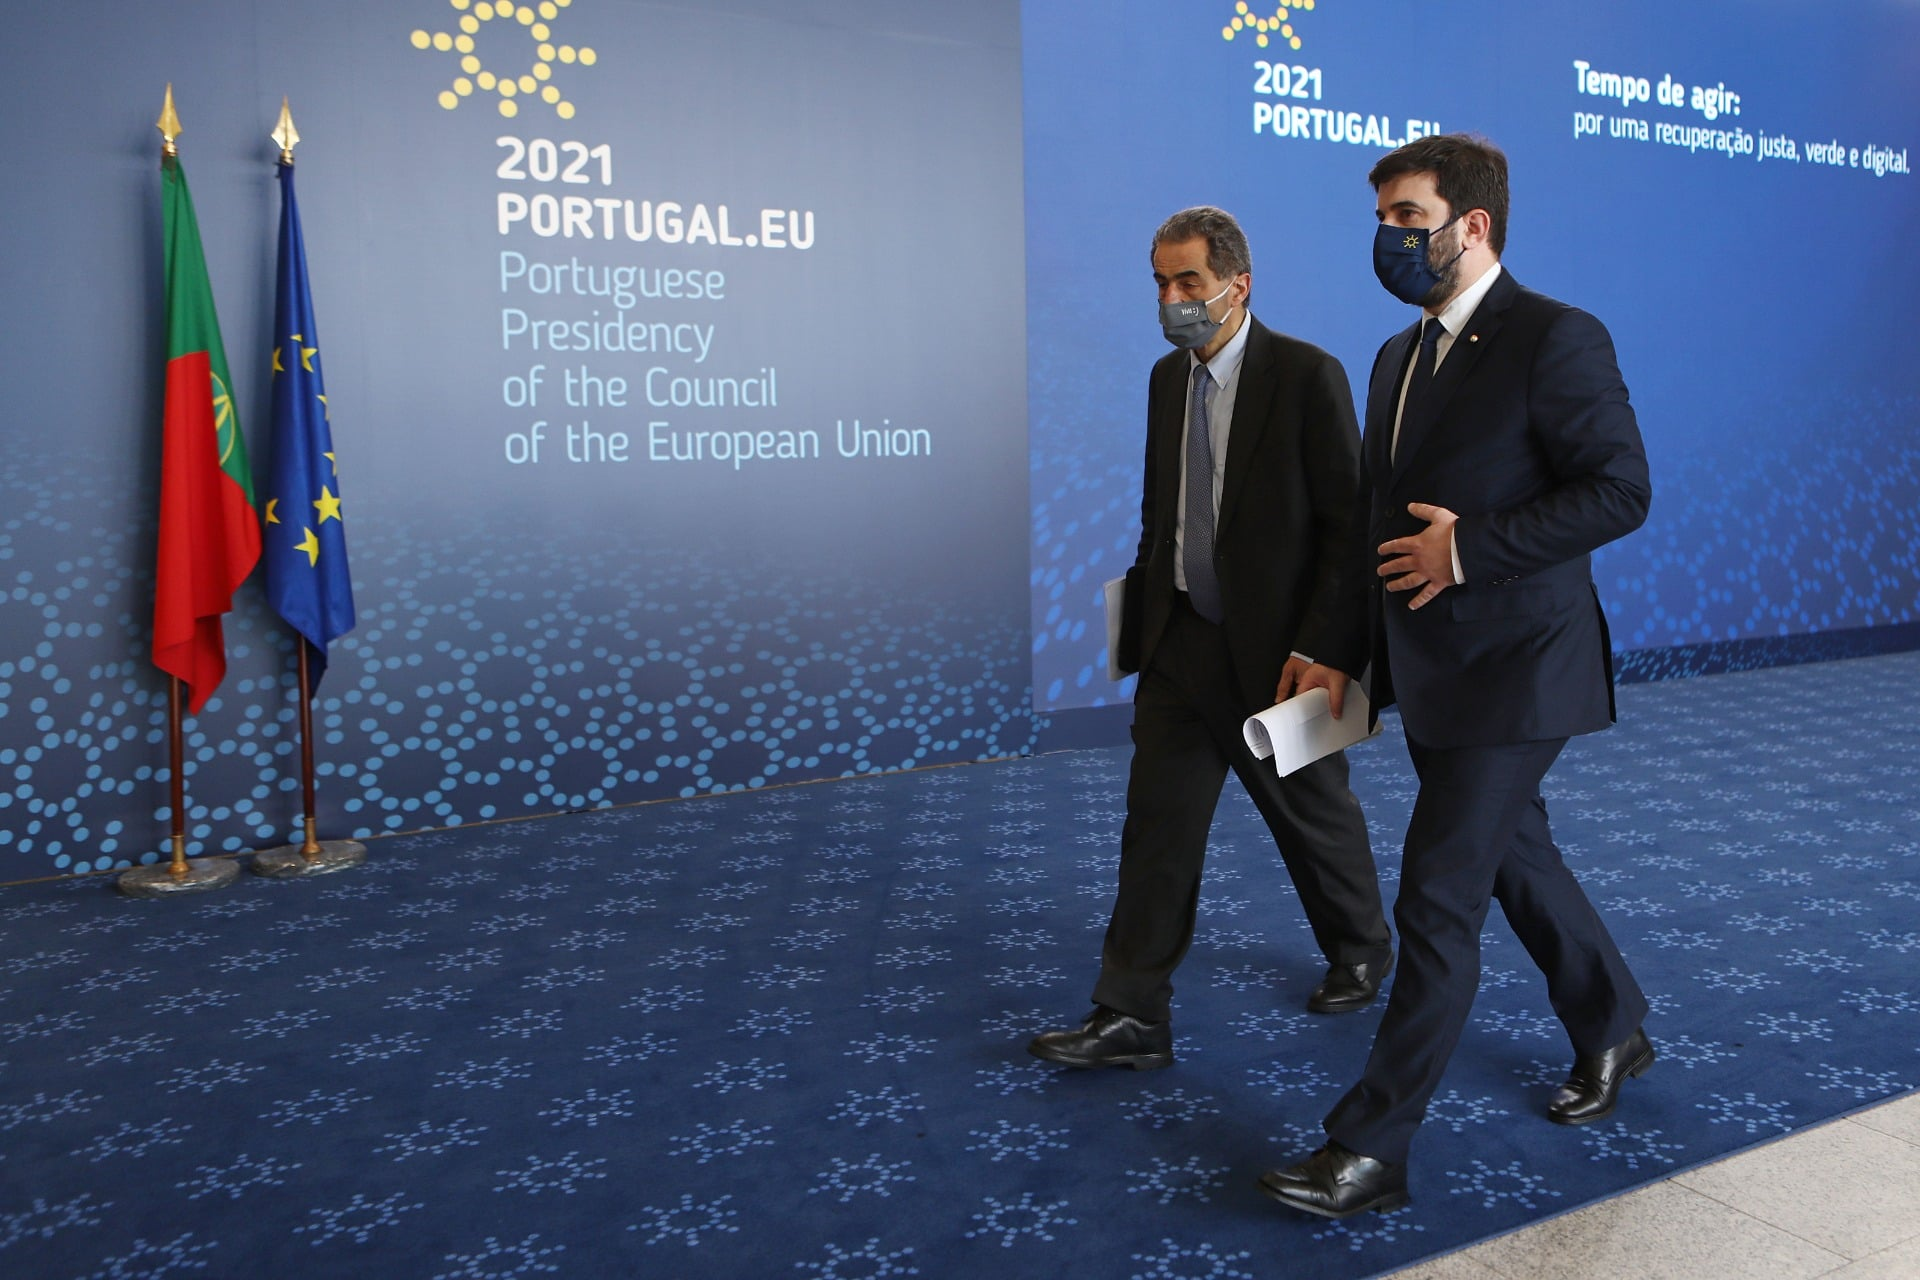 Os ministros de Portugal da Ciência, Tecnologia e Ensino Superior, e da Educação